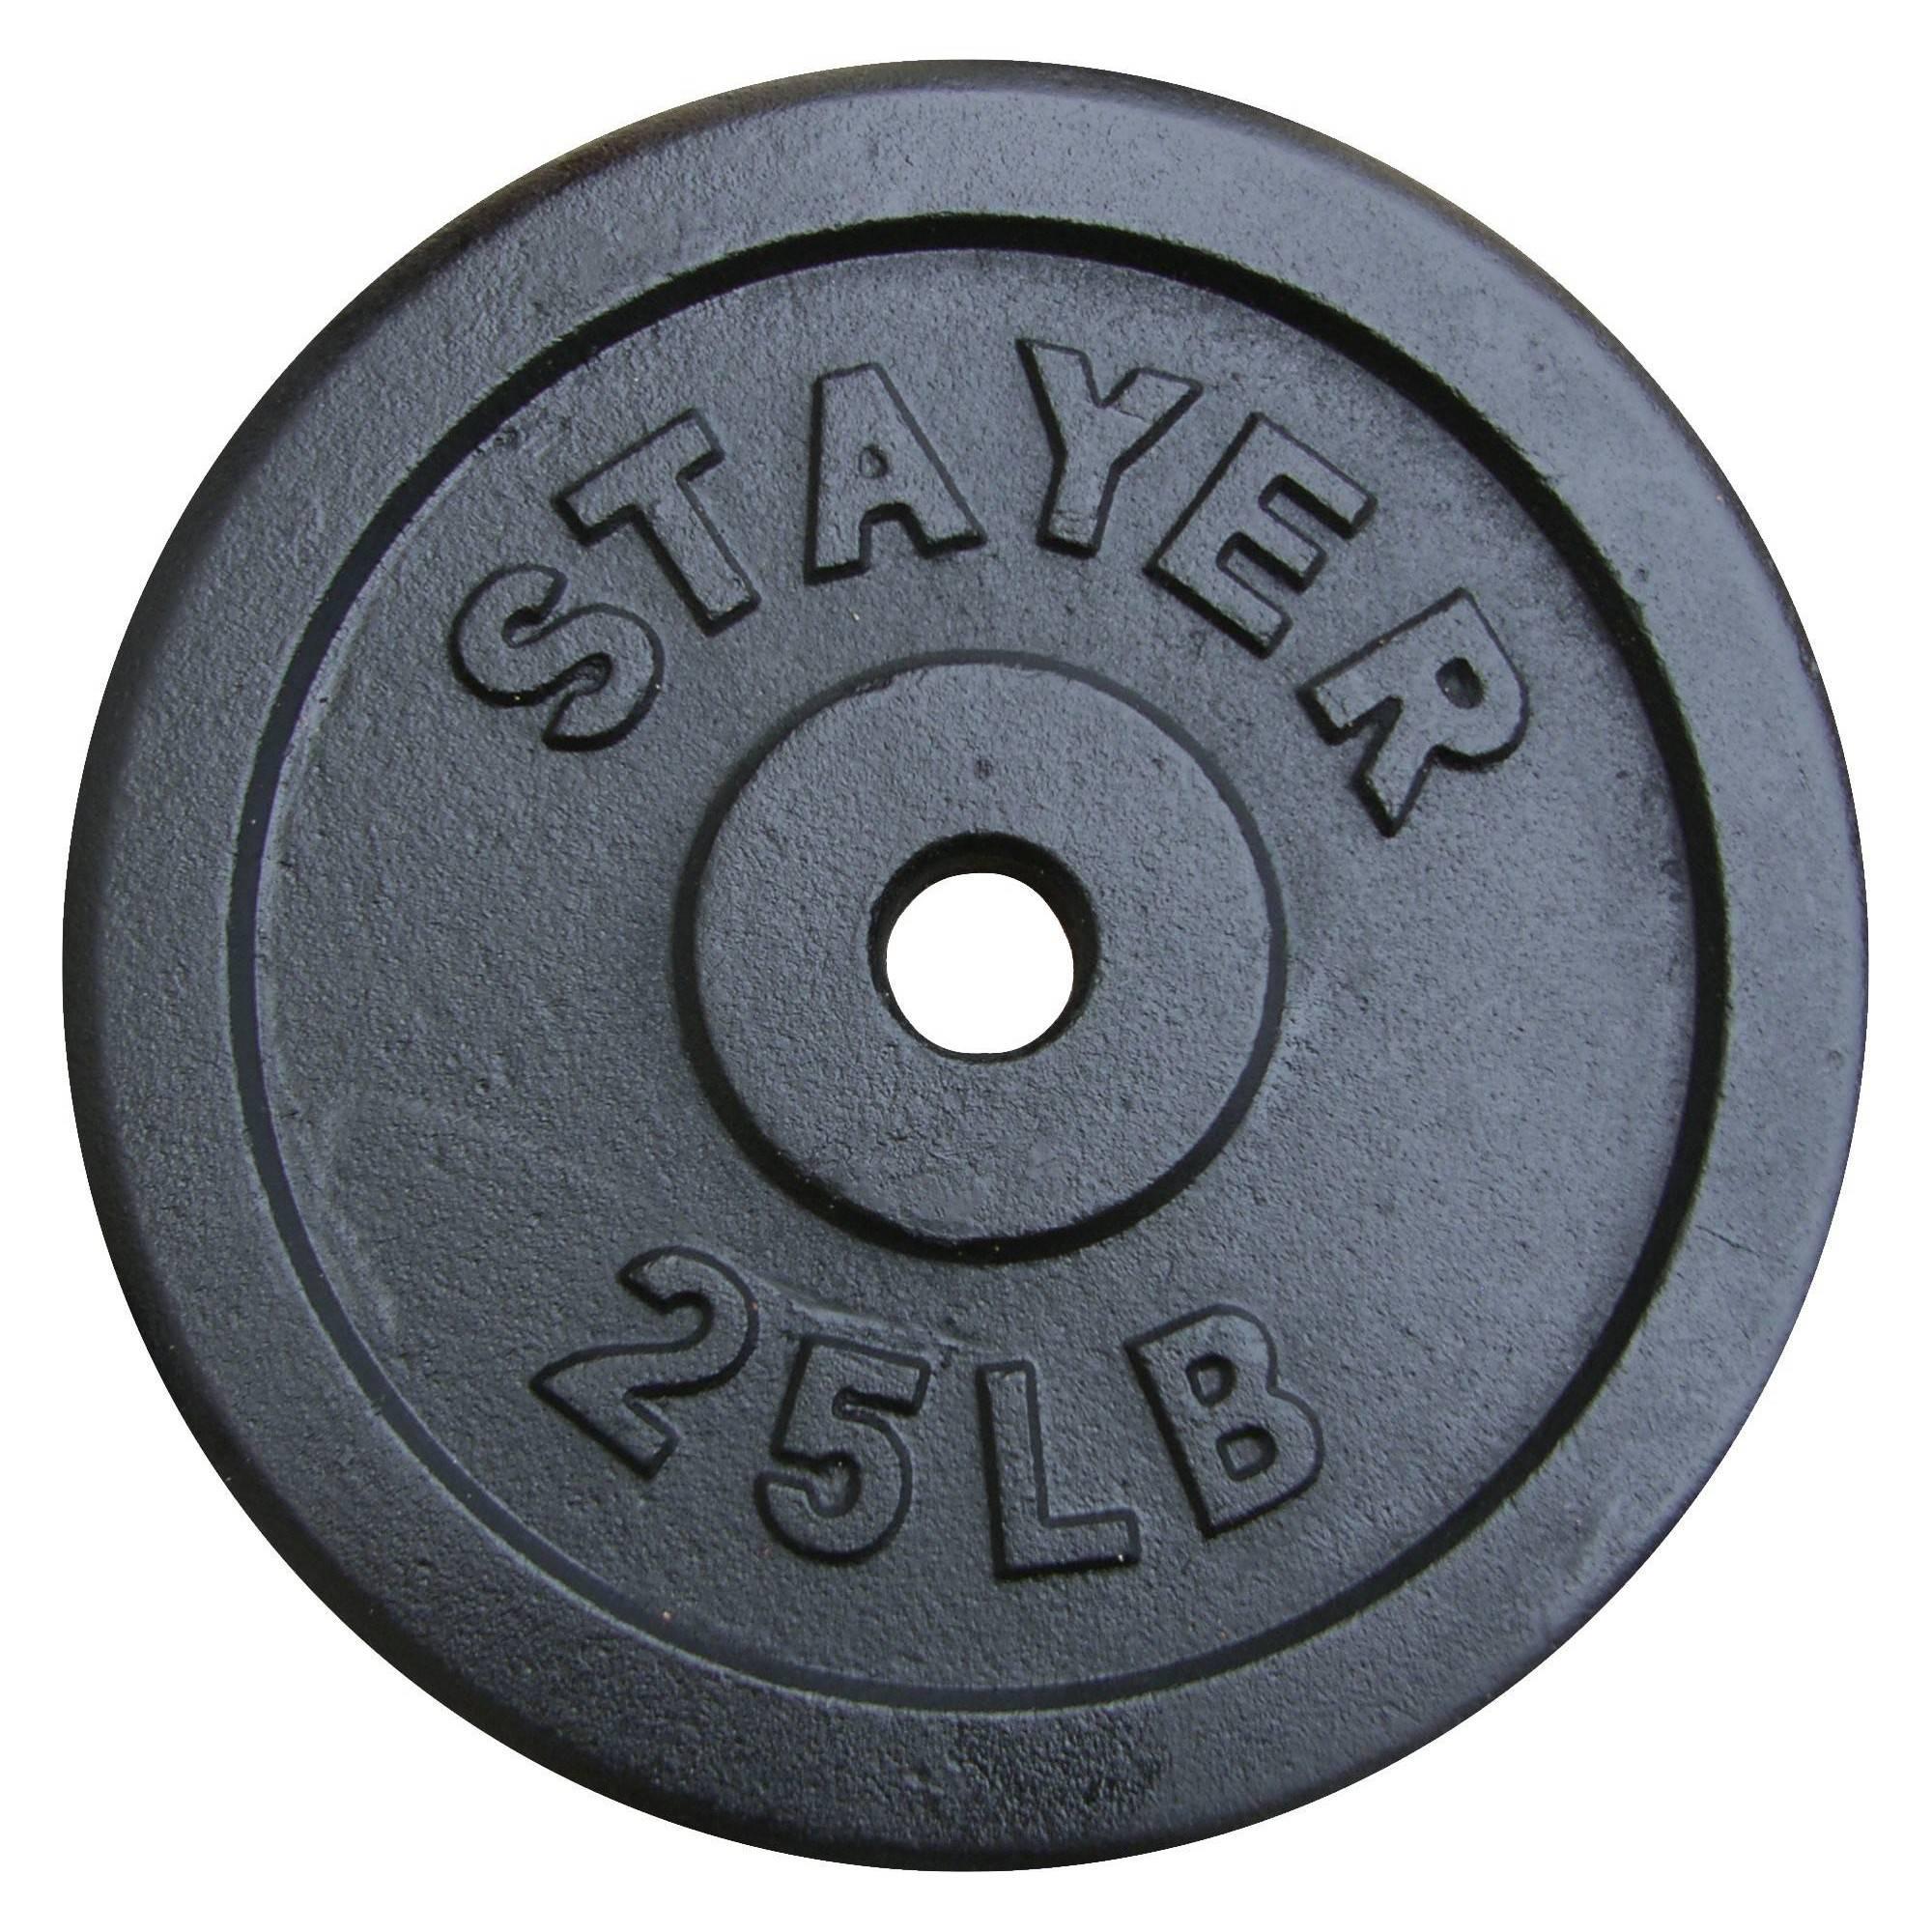 Obciążenie żeliwne 25lb STAYER SPORT średnica 29 mm,producent: STAYER SPORT, photo: 1